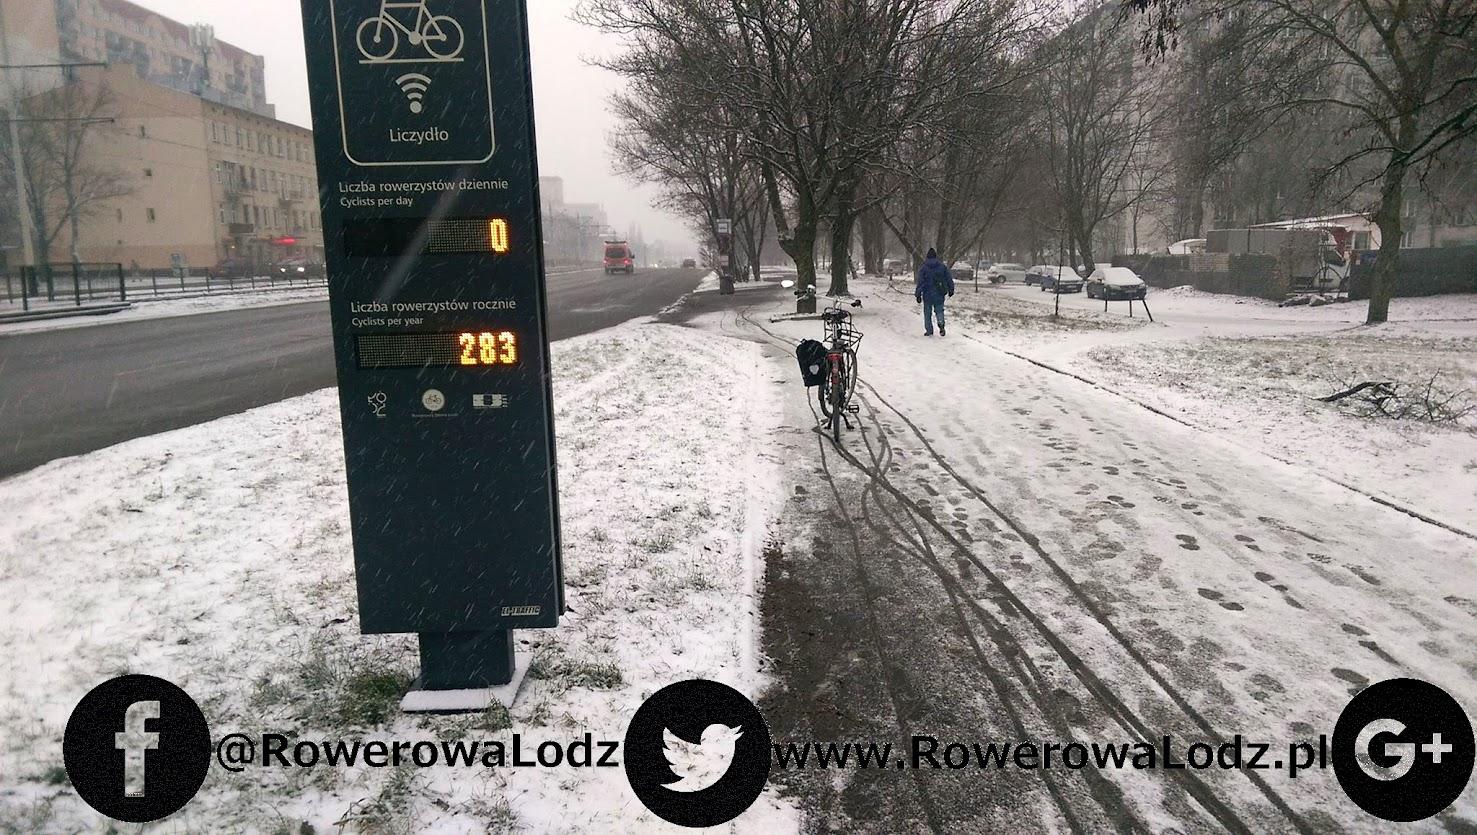 Górny wyświetlacz pokazuje wskazanie rowerzystów zliczonych w kierunku centrum, dół zaś ogół (w obu kierunkach) przejeżdżających w tym roku pobliską drogą dla rowerów.